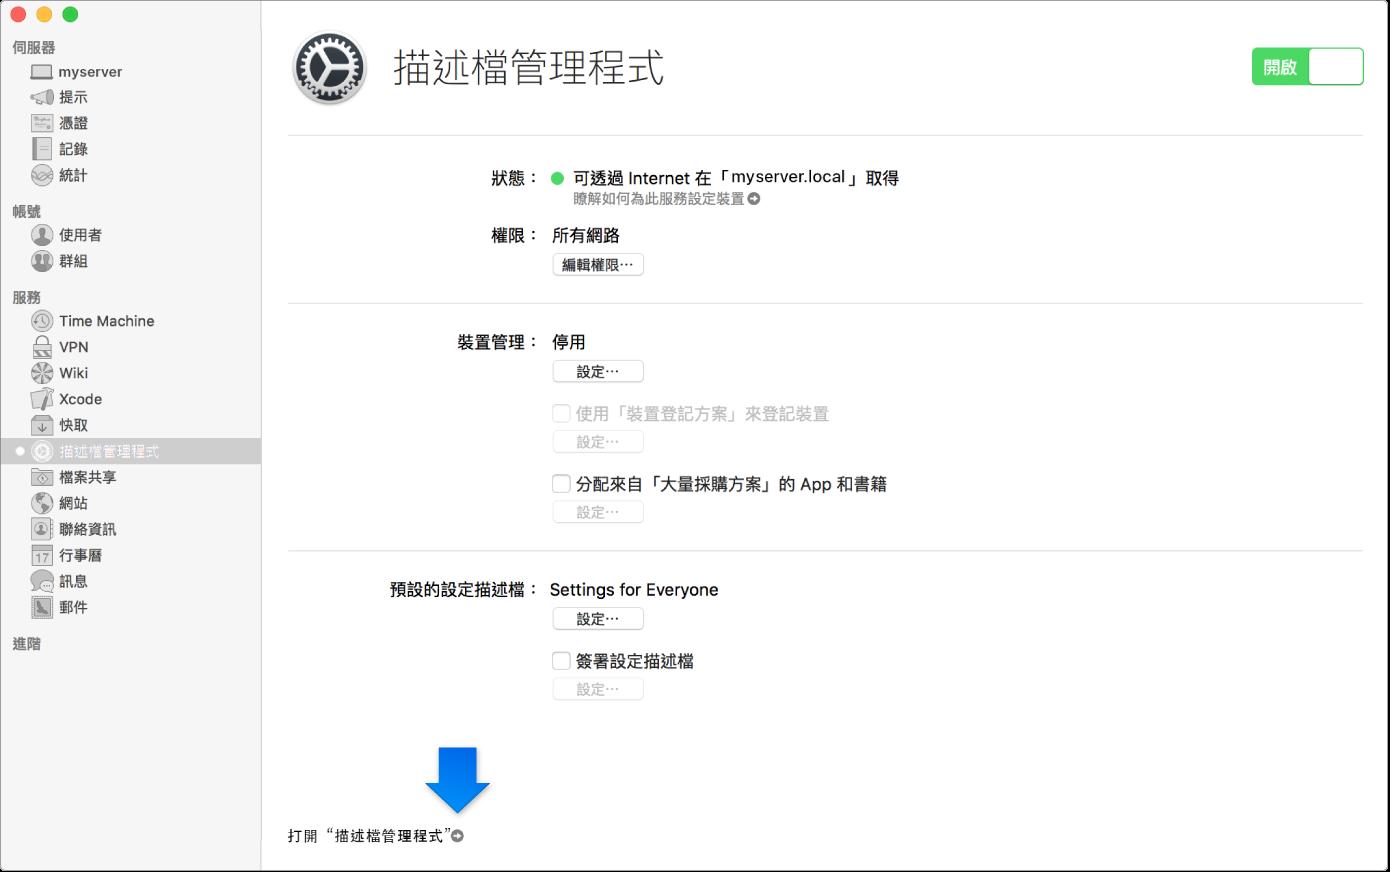 表示「描述檔管理程式」網路 App 連結的箭頭